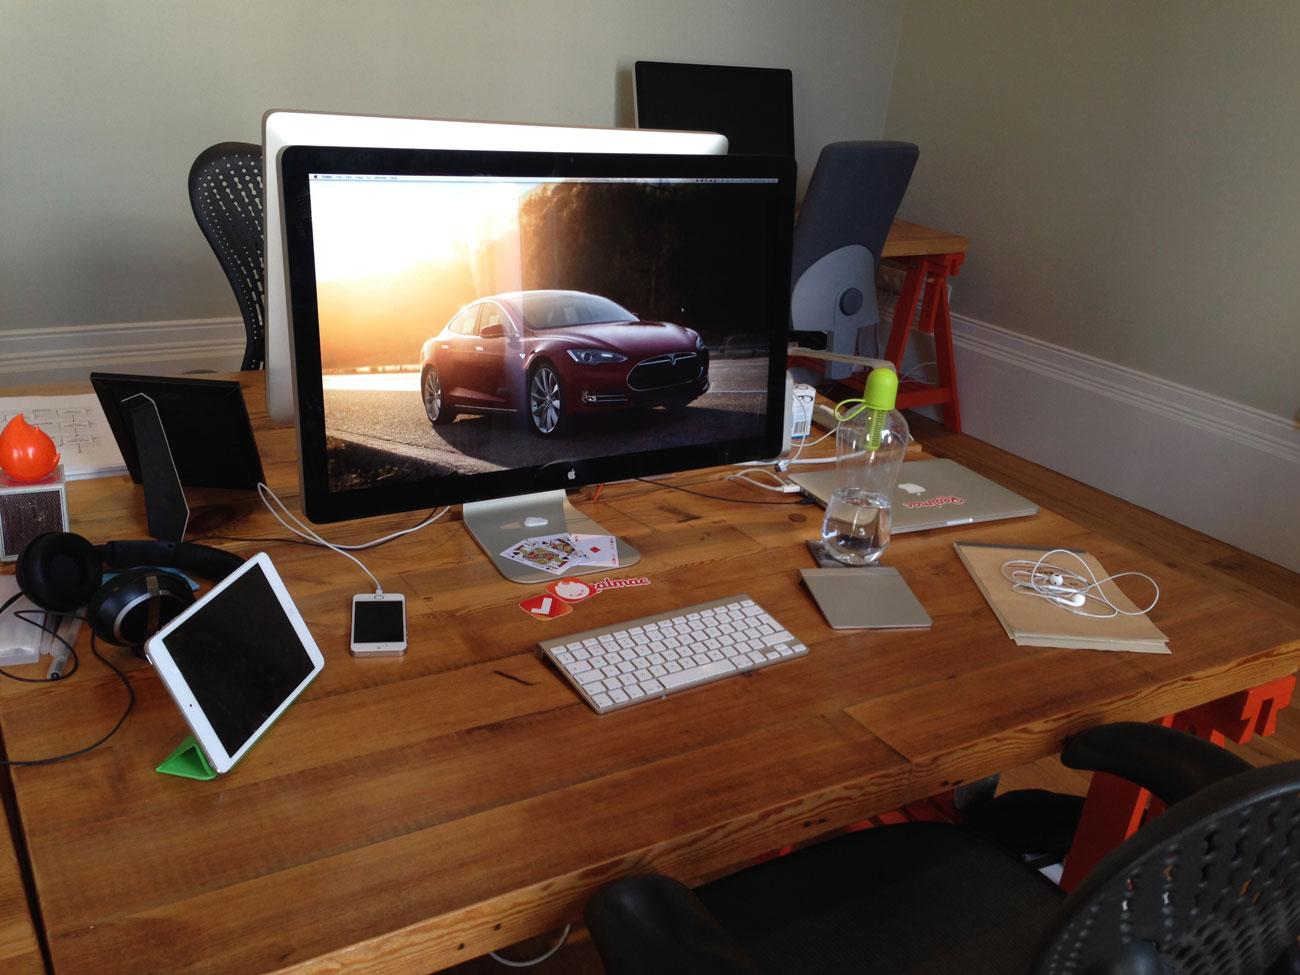 Nik's Mac setup